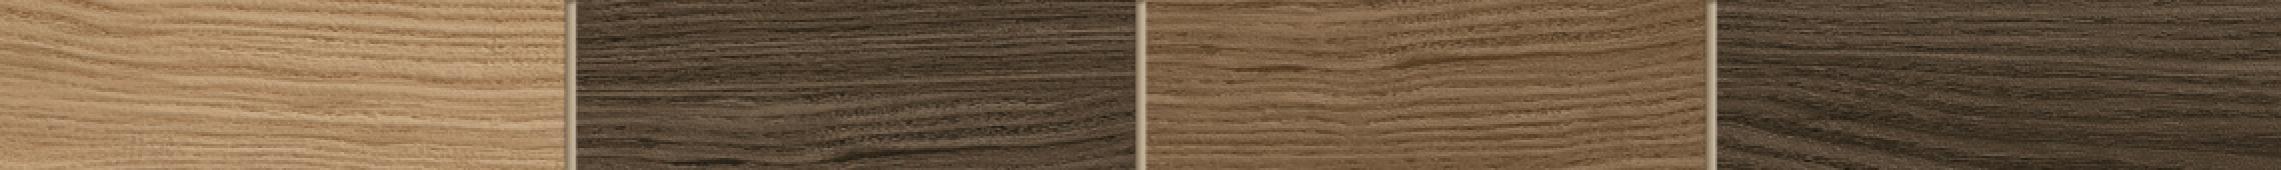 Фриз Karelia коричневый 40*3,3